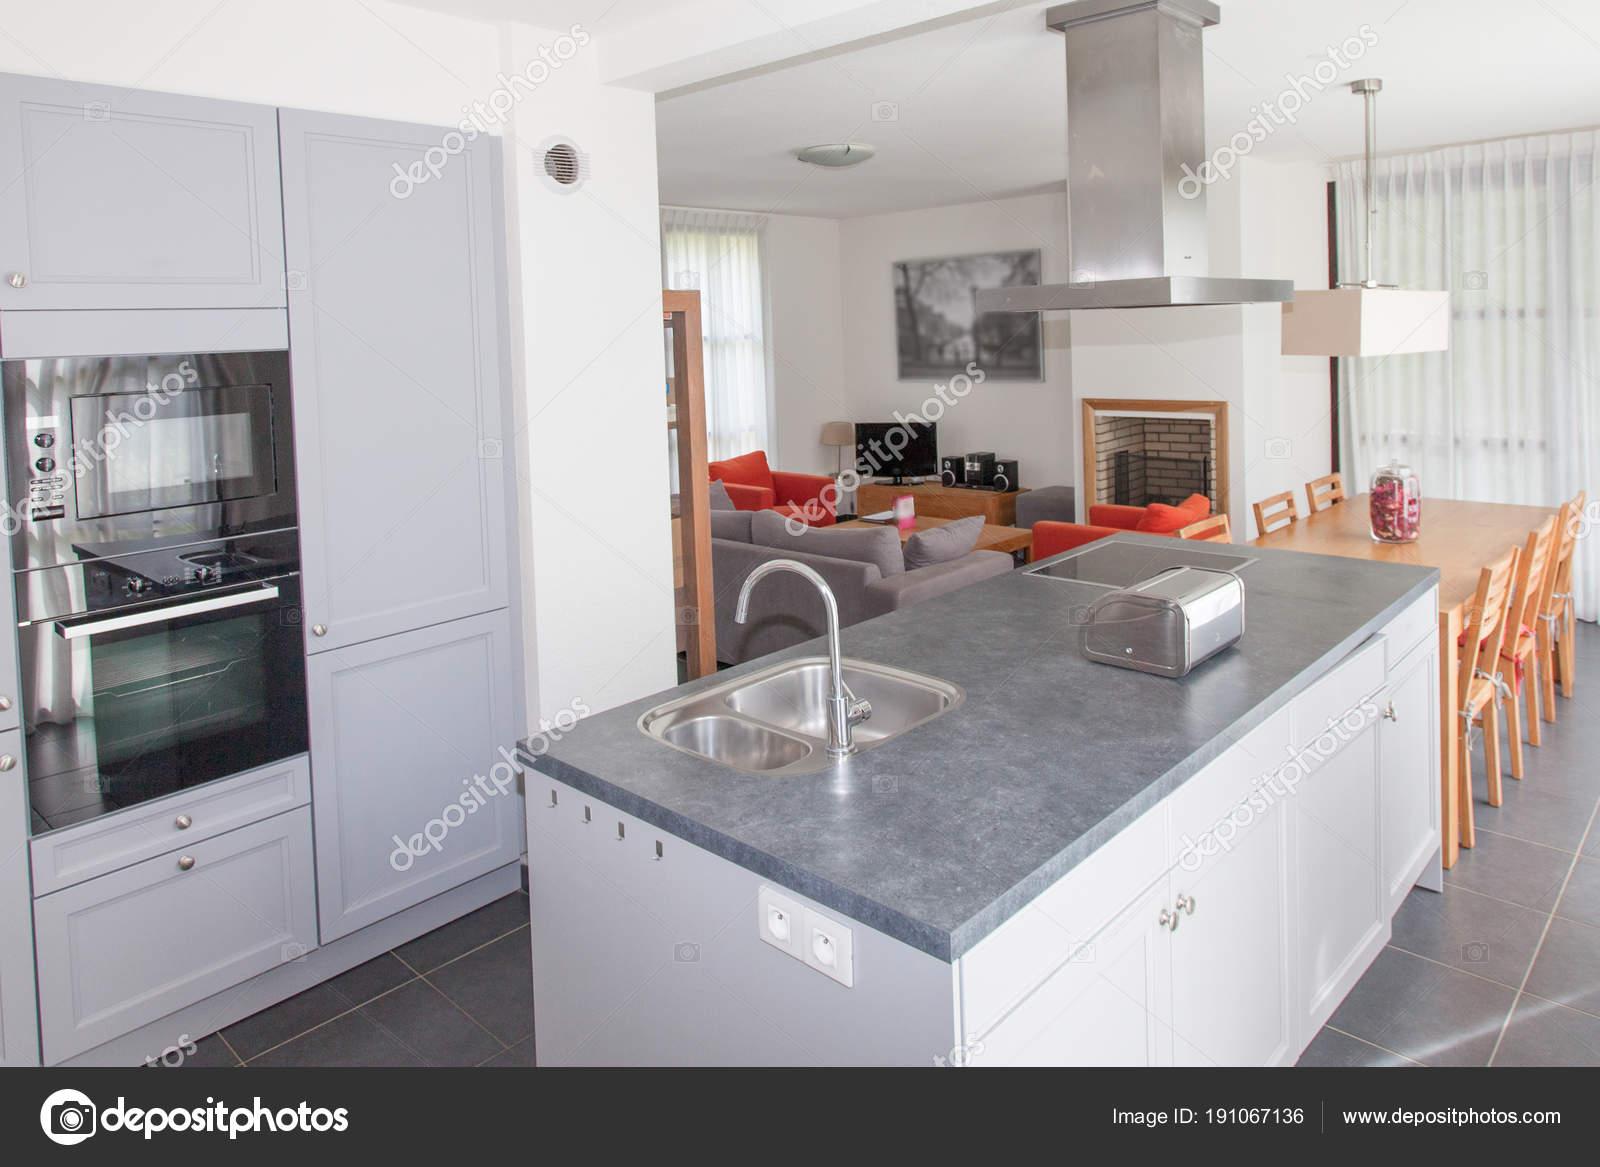 Roestvrij Stalen Keuken : Luxe moderne keuken met roestvrijstalen apparaten u stockfoto